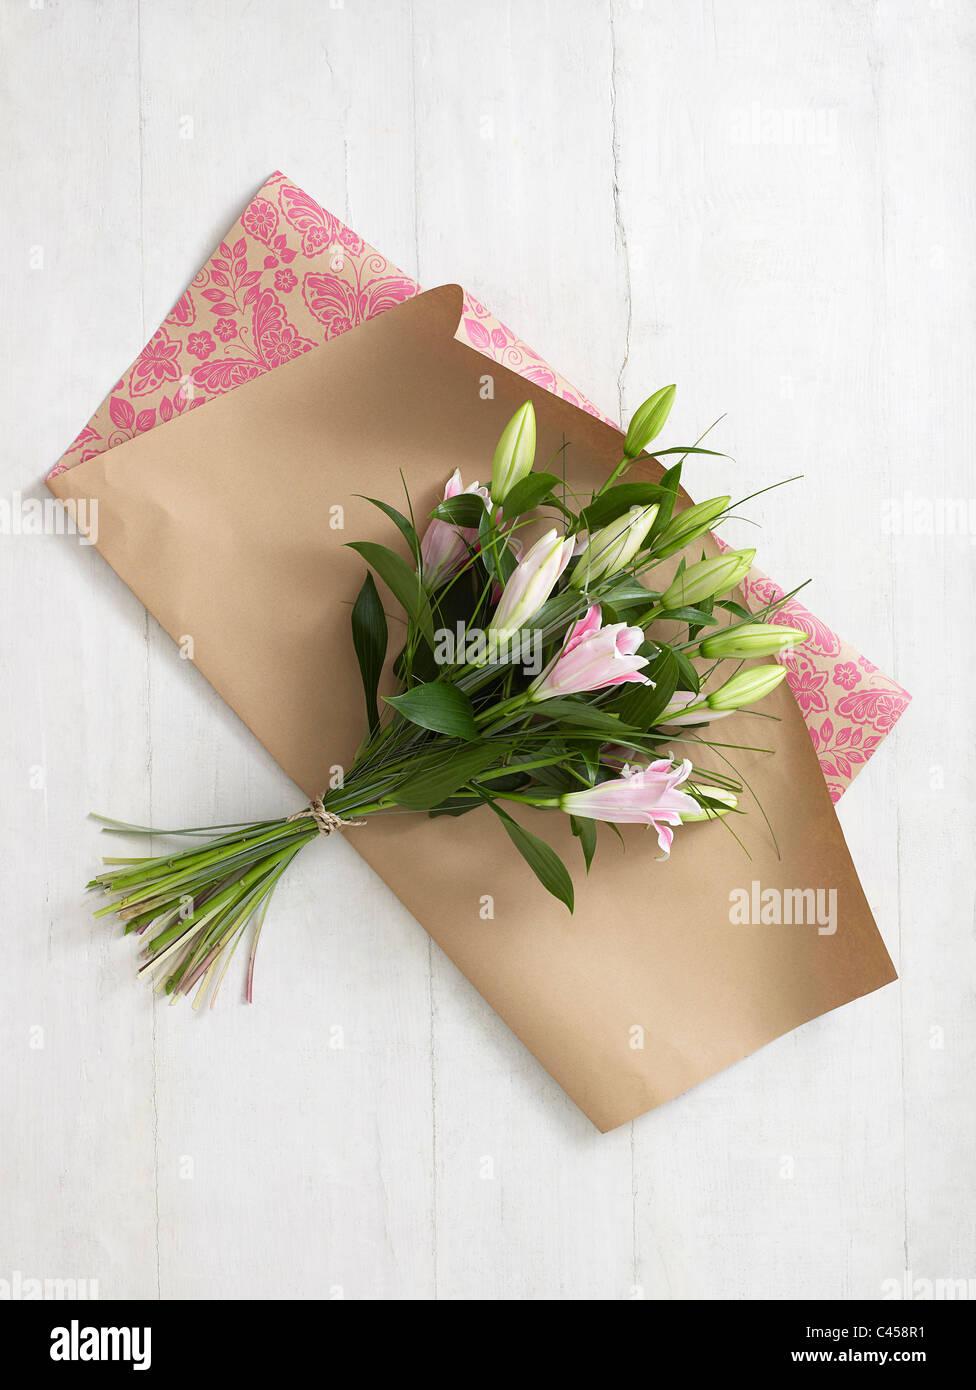 Bouquet de lys sur du papier d'emballage Photo Stock